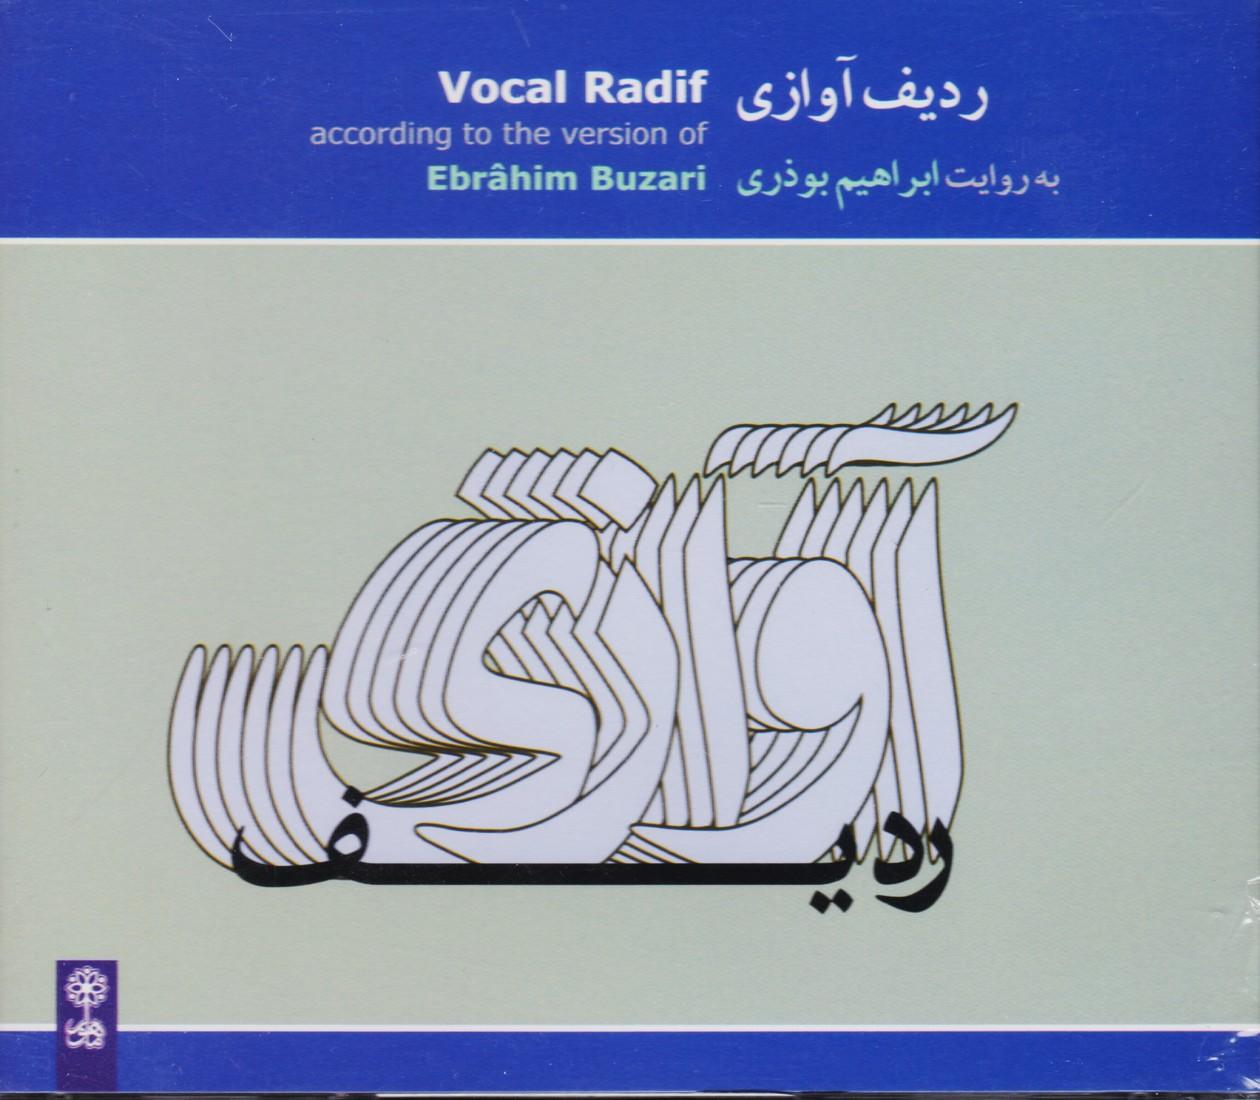 ردیف آوازی به روایت ابراهیم بوذری